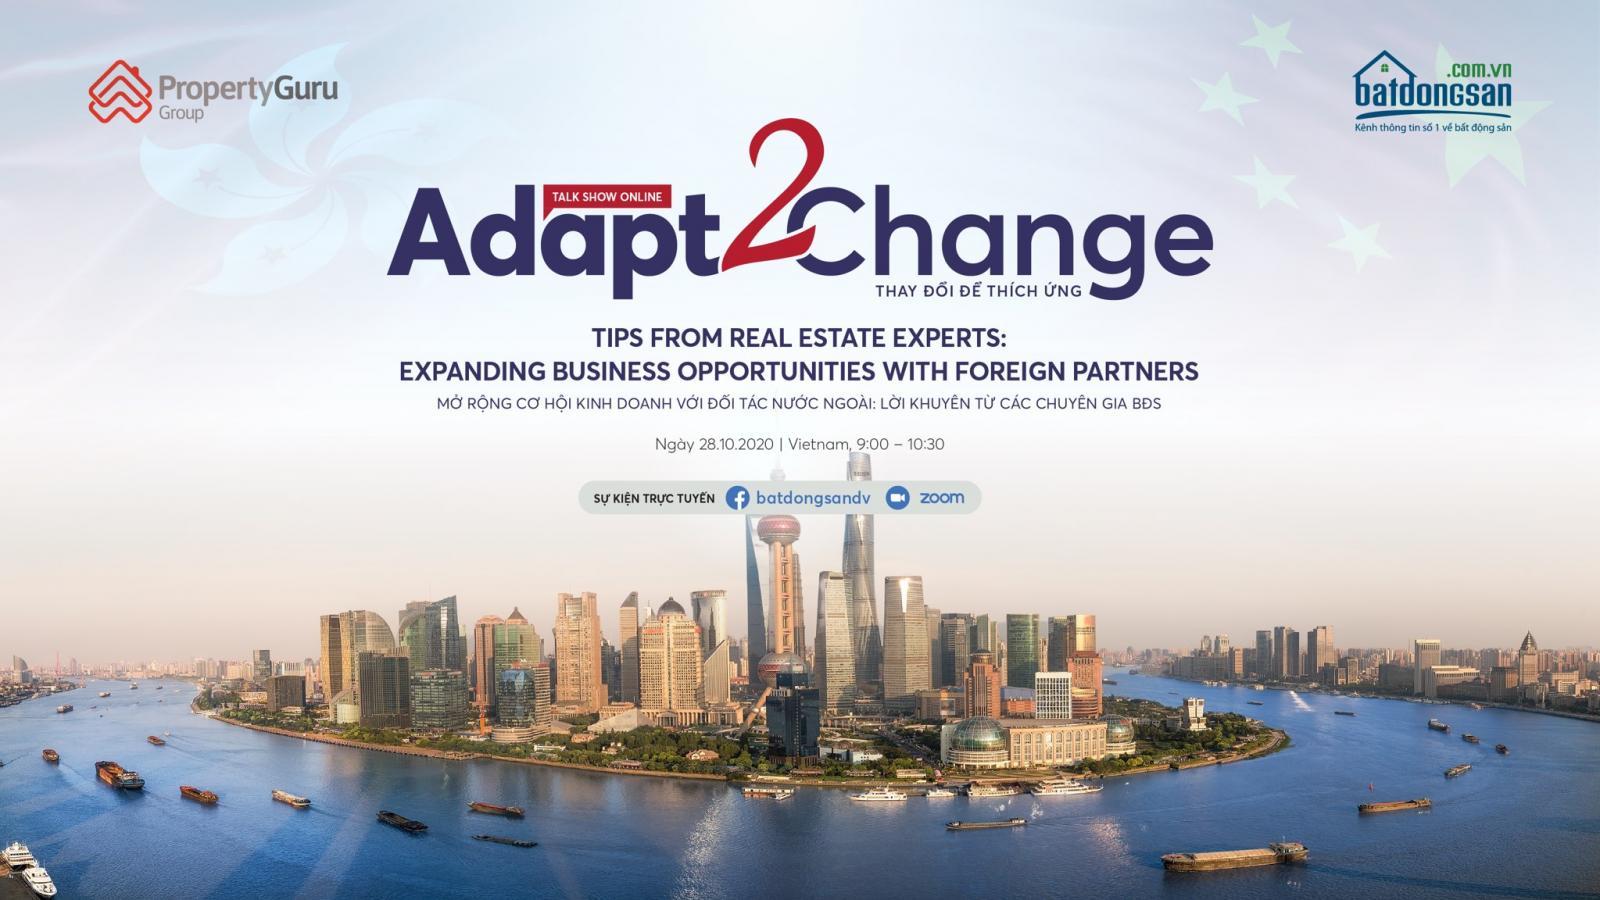 Batdongsan.com.vn's online seminar Adapt 2 Change